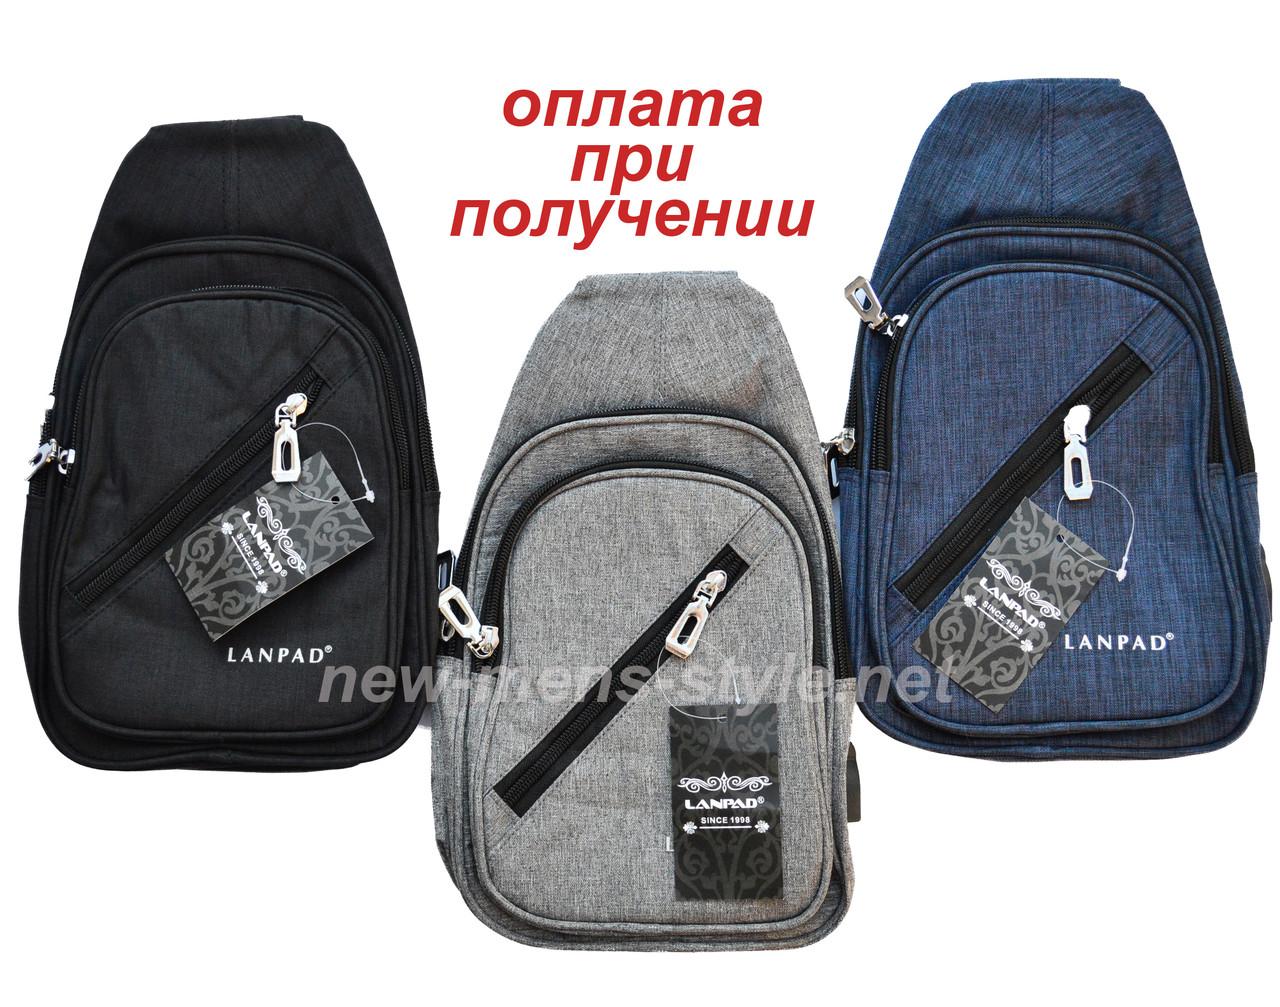 Чоловіча чоловіча спортивна тканинна сумка слінг рюкзак бананка NEW